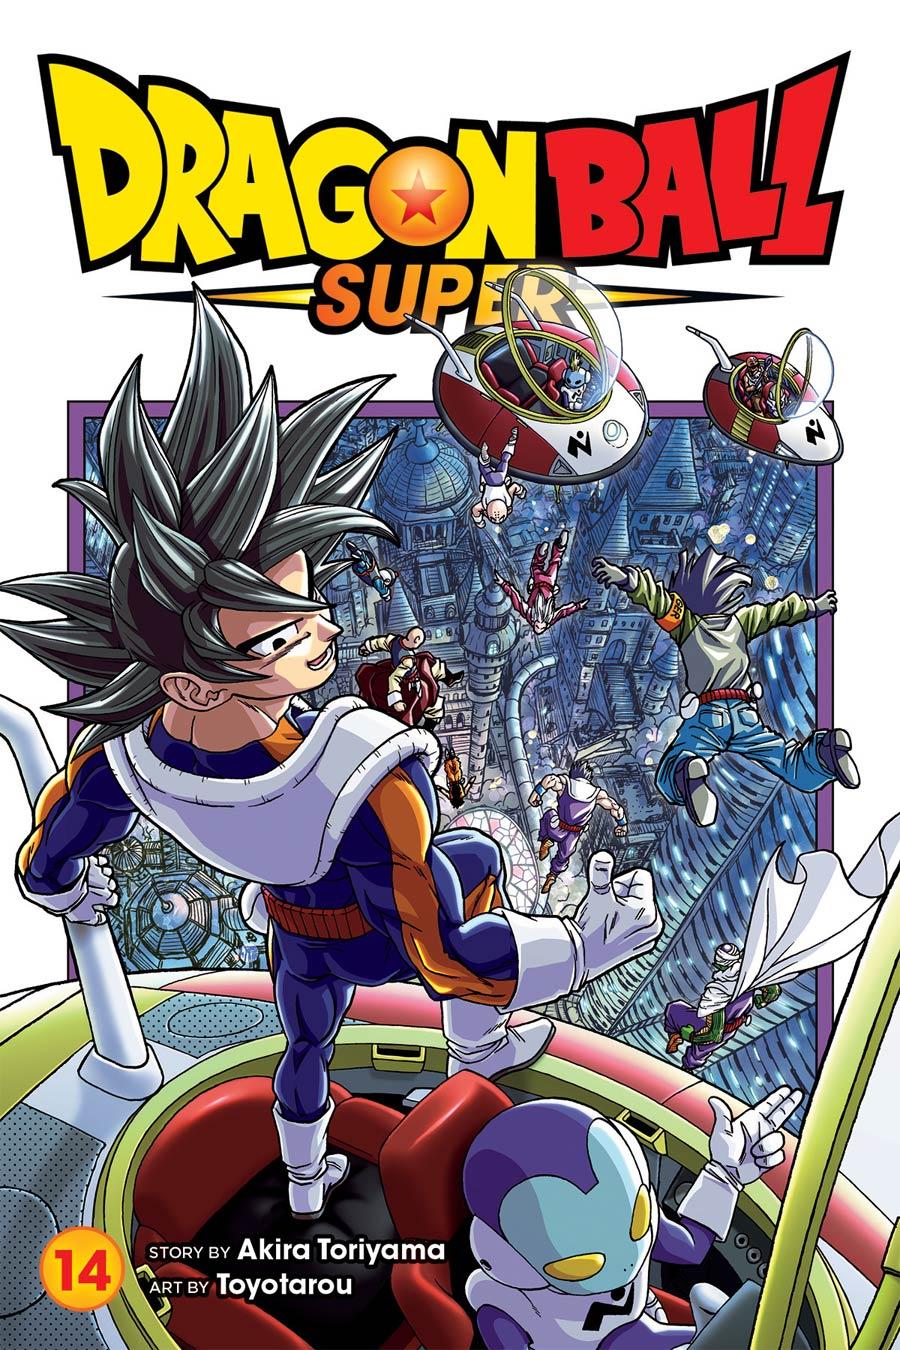 Dragon Ball Super Vol 14 GN